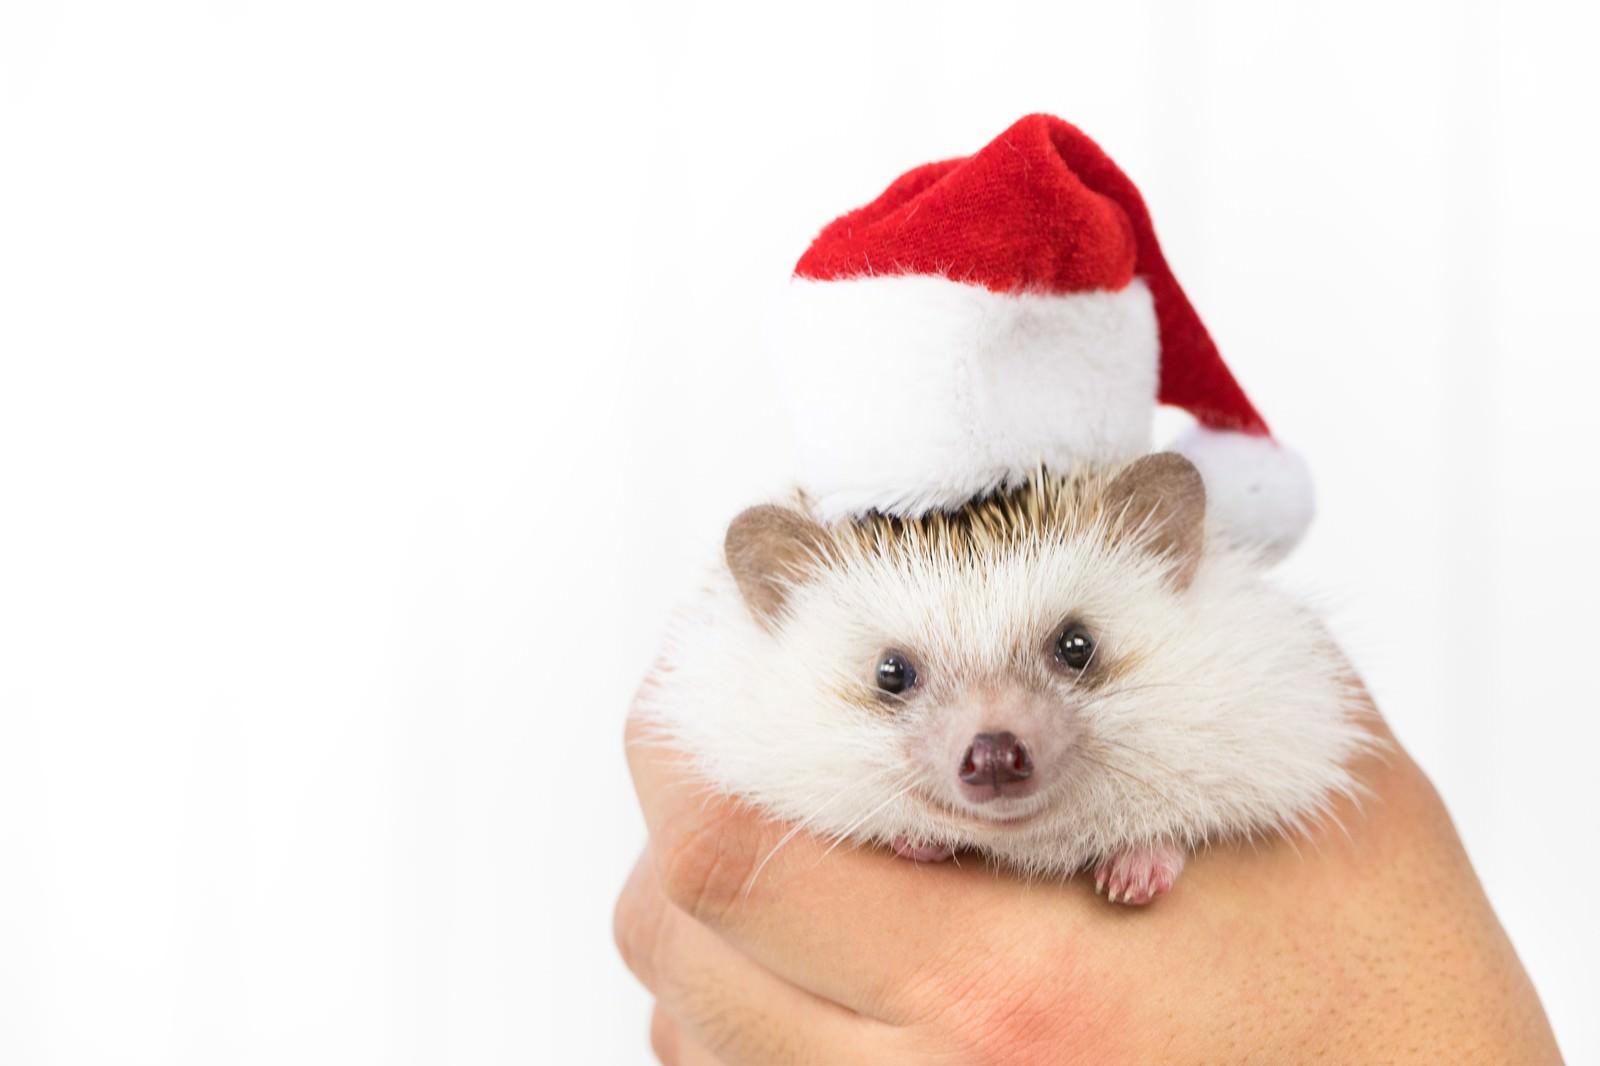 「サンタ帽をかぶったハリネズミサンタ帽をかぶったハリネズミ」のフリー写真素材を拡大